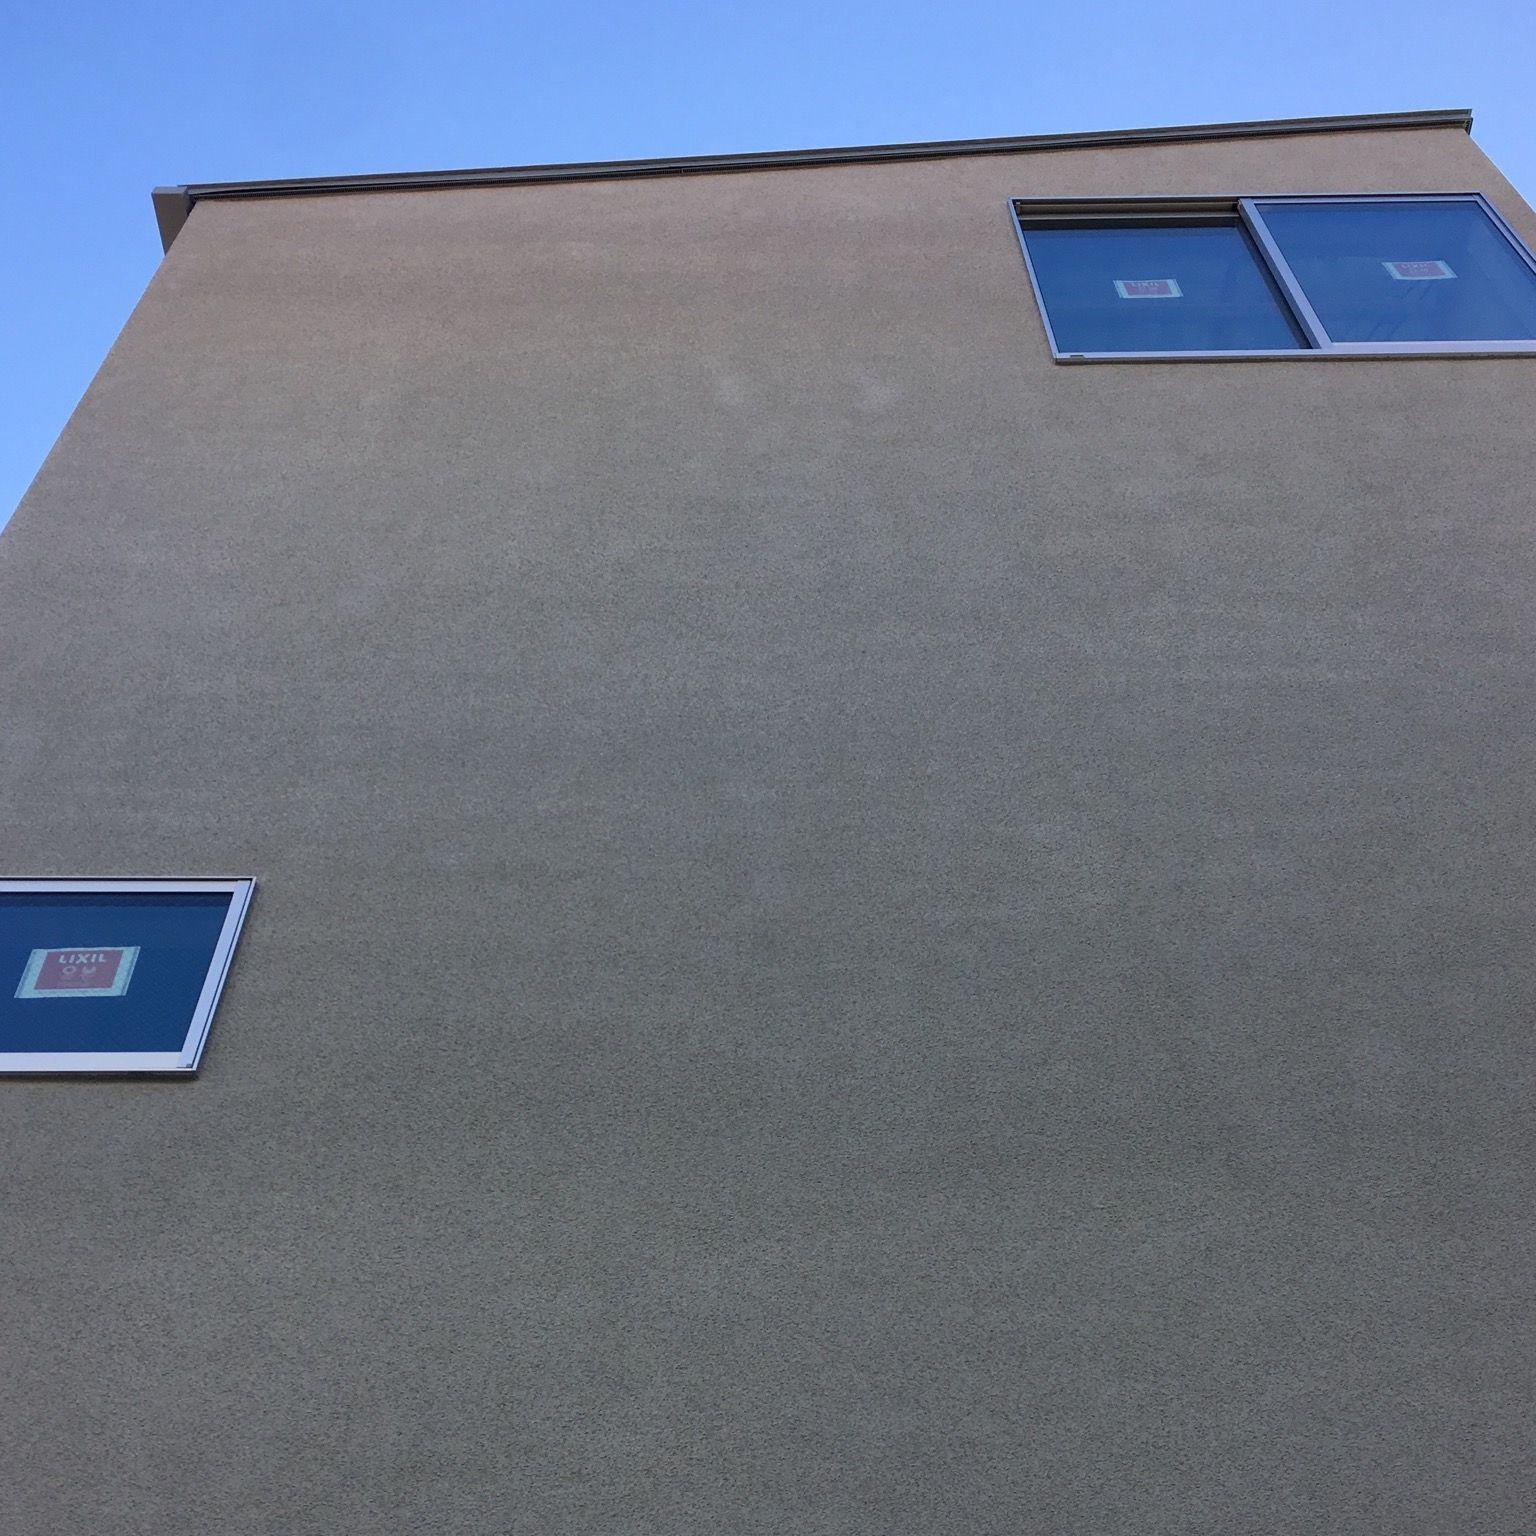 ジョリパット 塗り壁 シンプル グレー 建築 外壁 塗り壁 近代